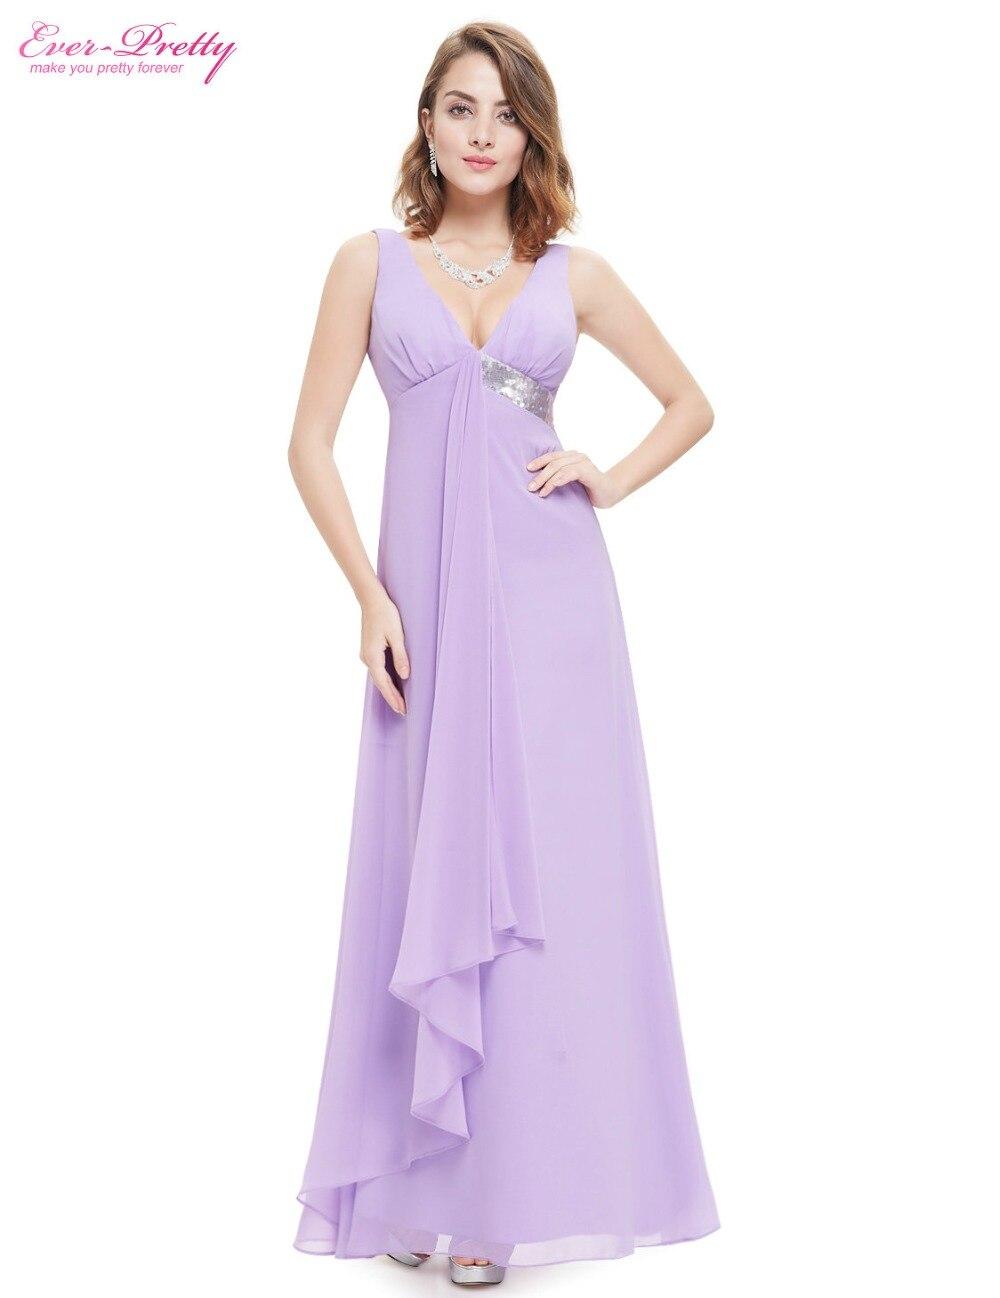 Vistoso Vestido De Novia De La Cinta Del Conducto Ornamento ...